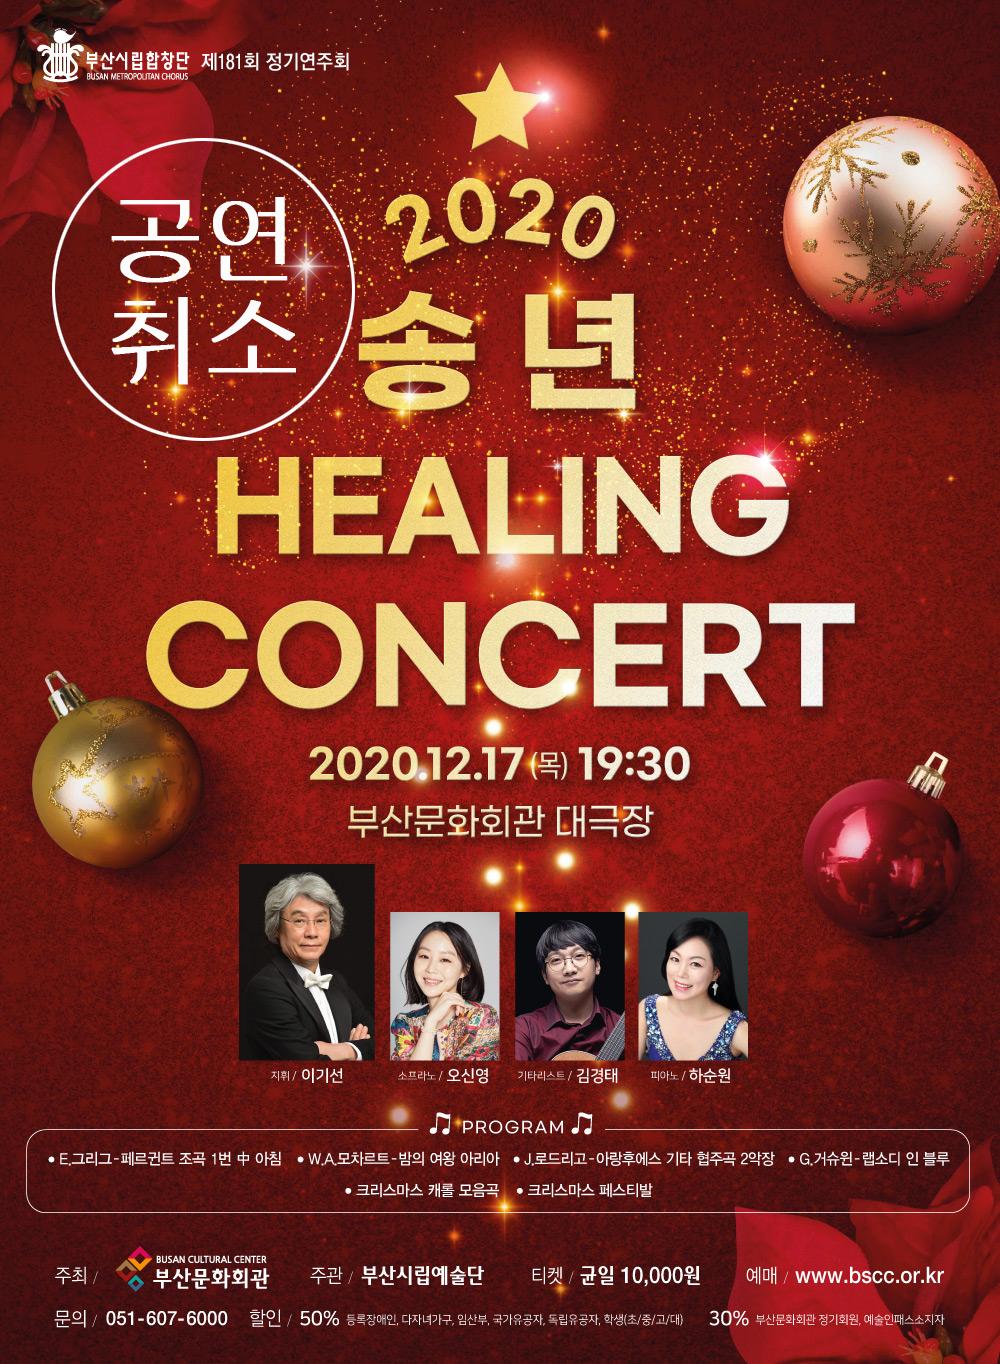 [공연취소]부산시립합창단 제181회 정기연주회 <2020 송년힐링콘서트>